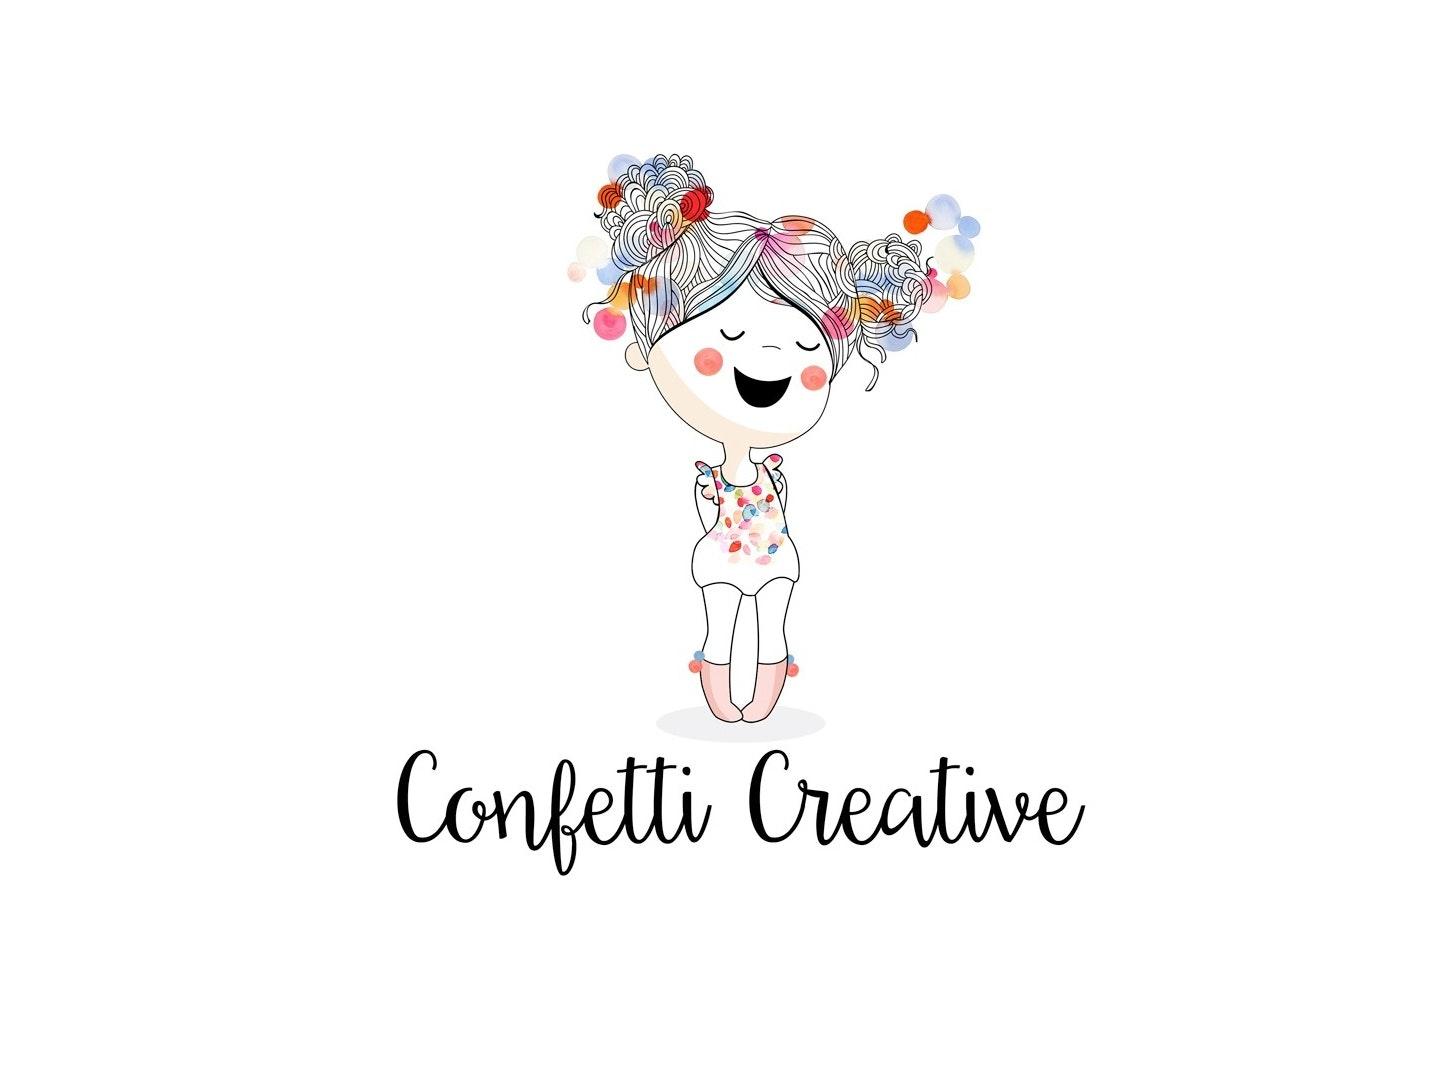 Confetti creative